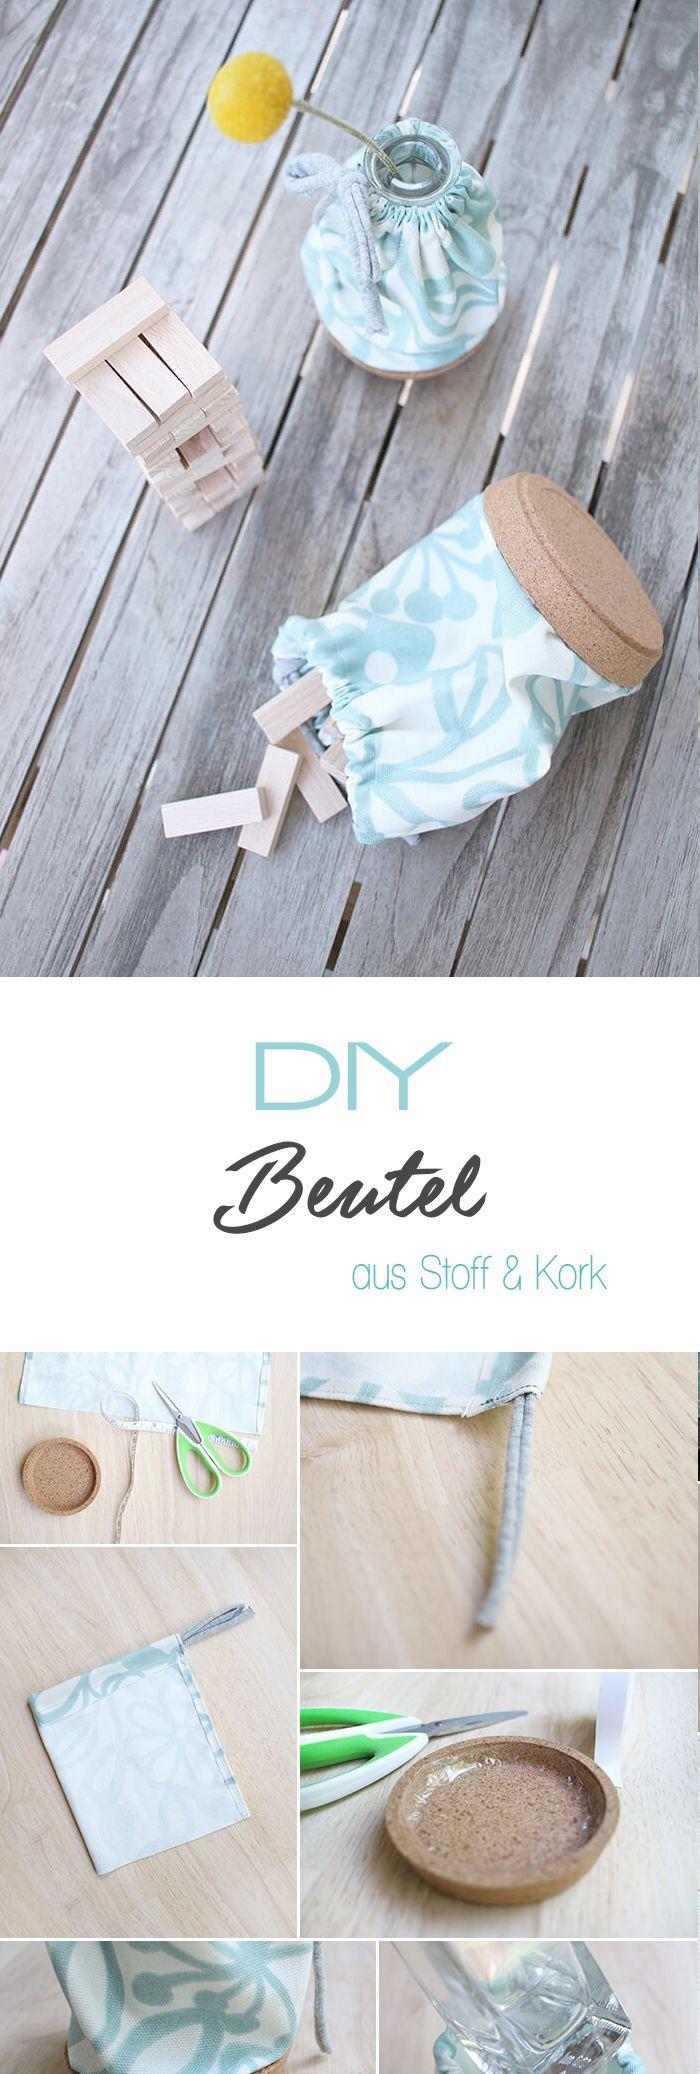 Dani von Gingered Things zeigt dir auf ihrem DIY Blog wie du aus Stoff und einem Korkuntersetzer ganz fix einen tollen Beutel machen kannst. Kreative Deko und Geschenk.